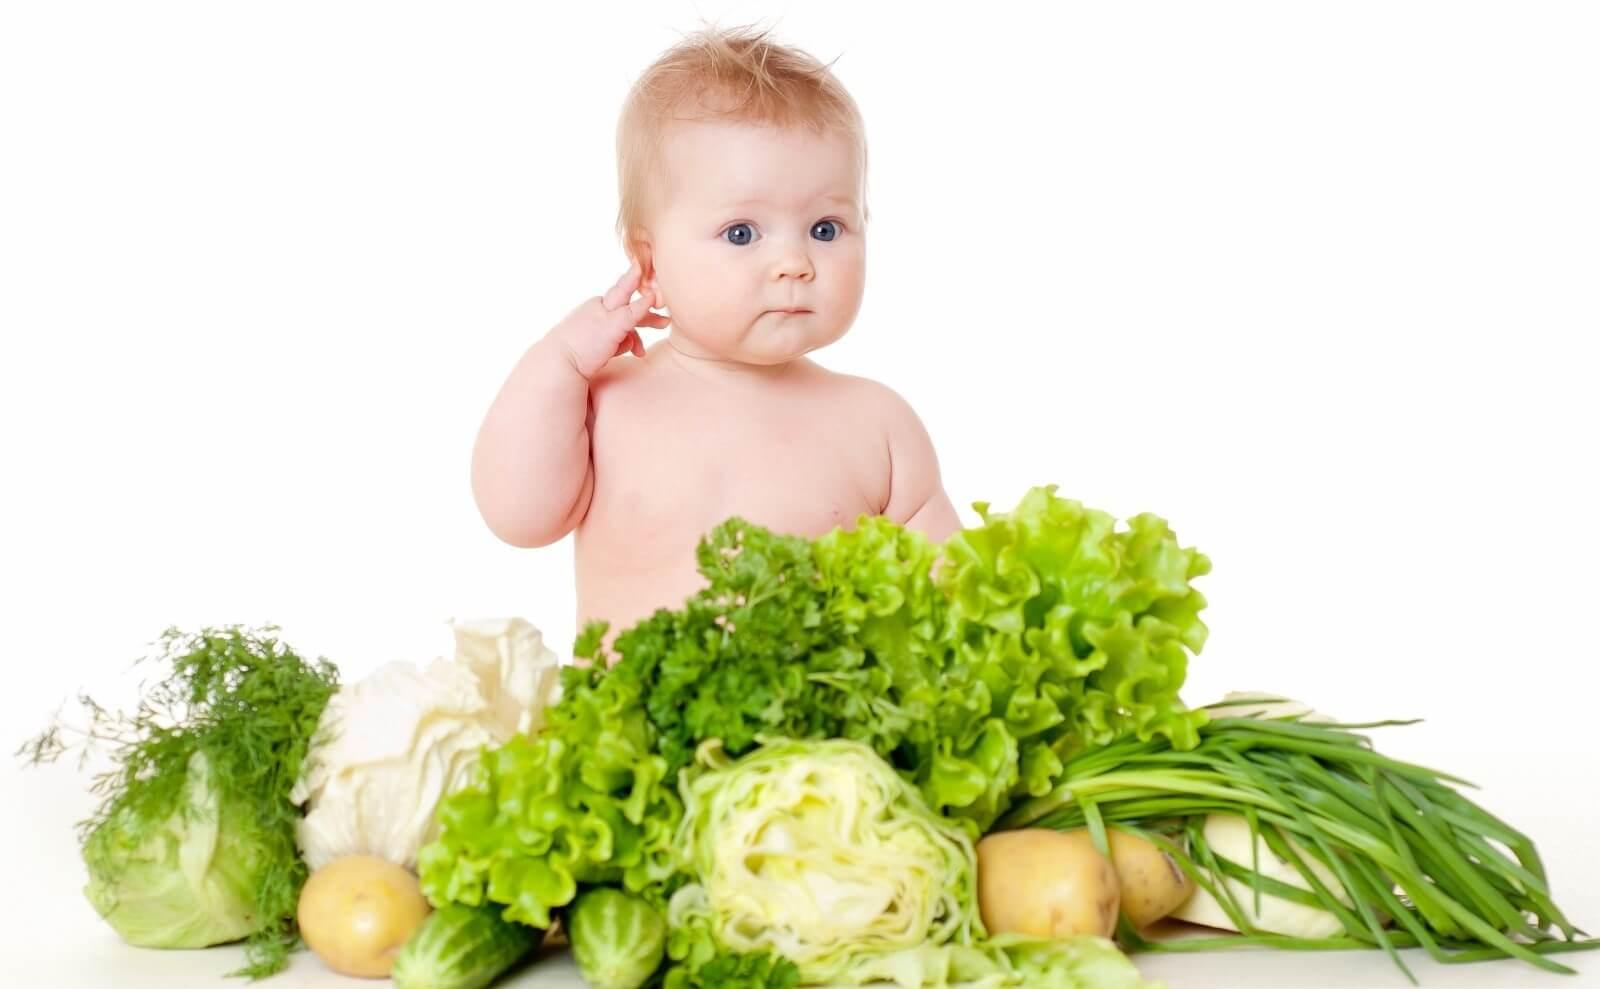 Dinh dưỡng hợp lý cho bé dưới 1 tuổi